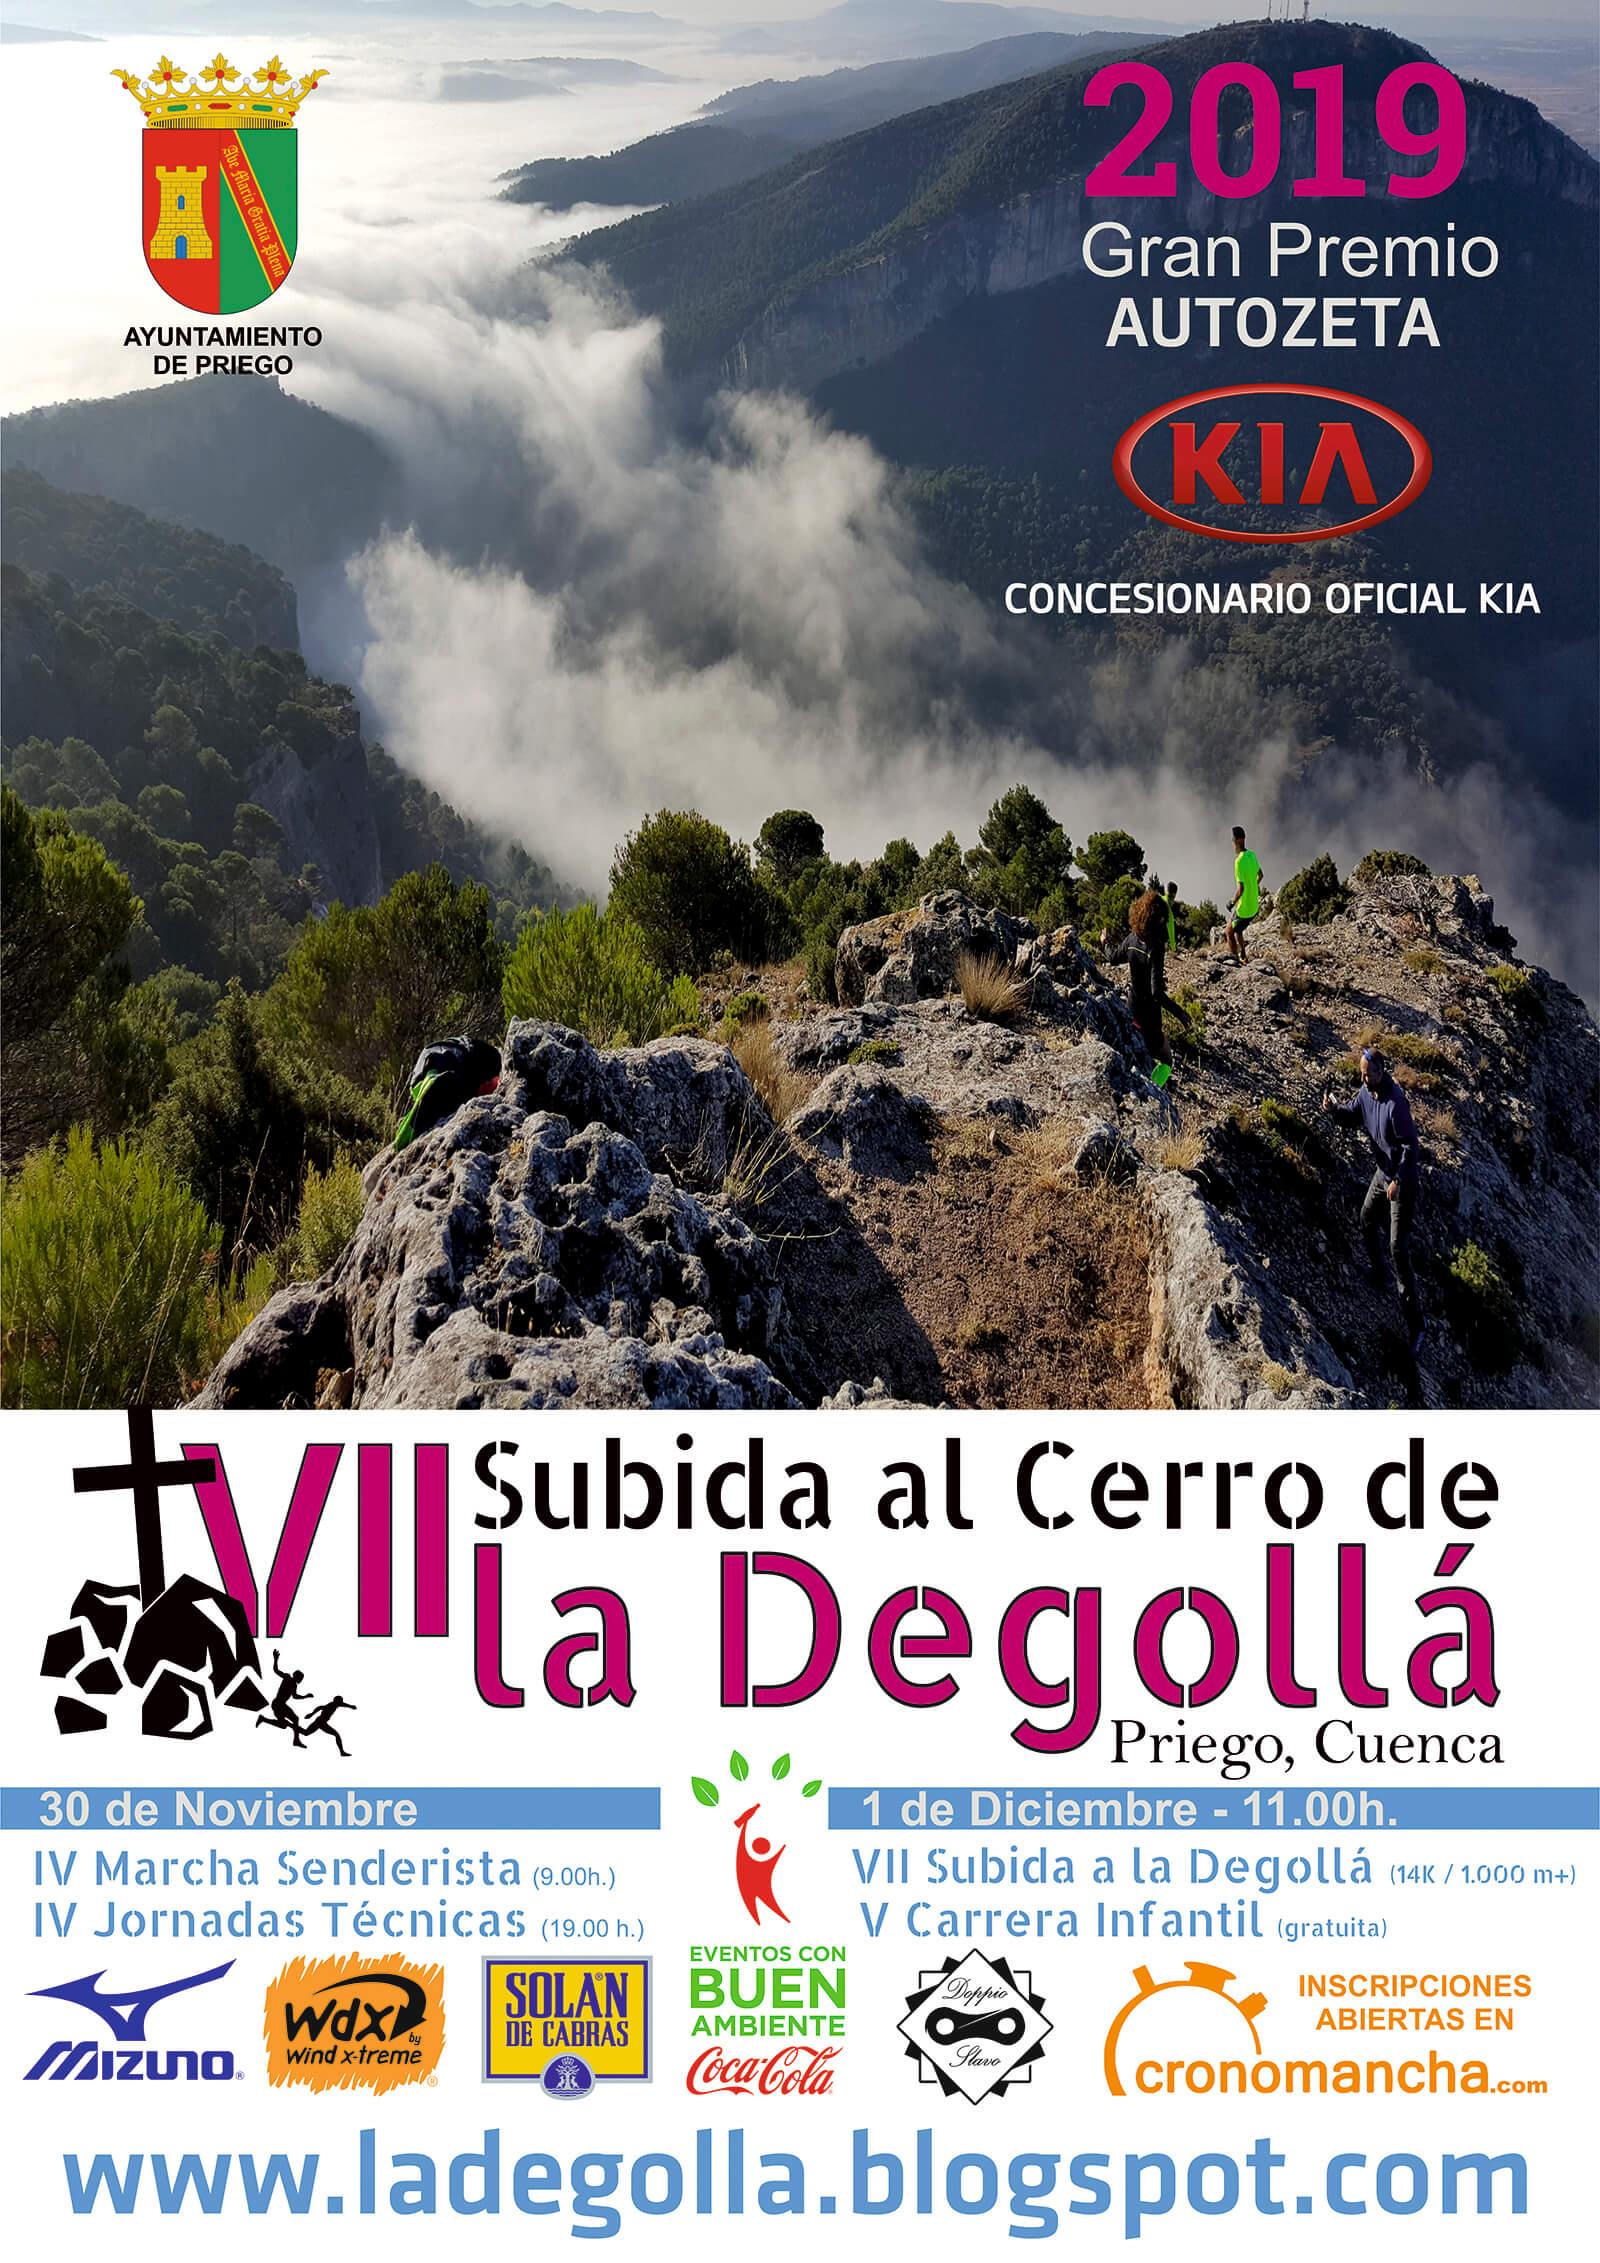 Subida al Cerro de la Degollá en Priego (Cuenca) - 01/12/2019